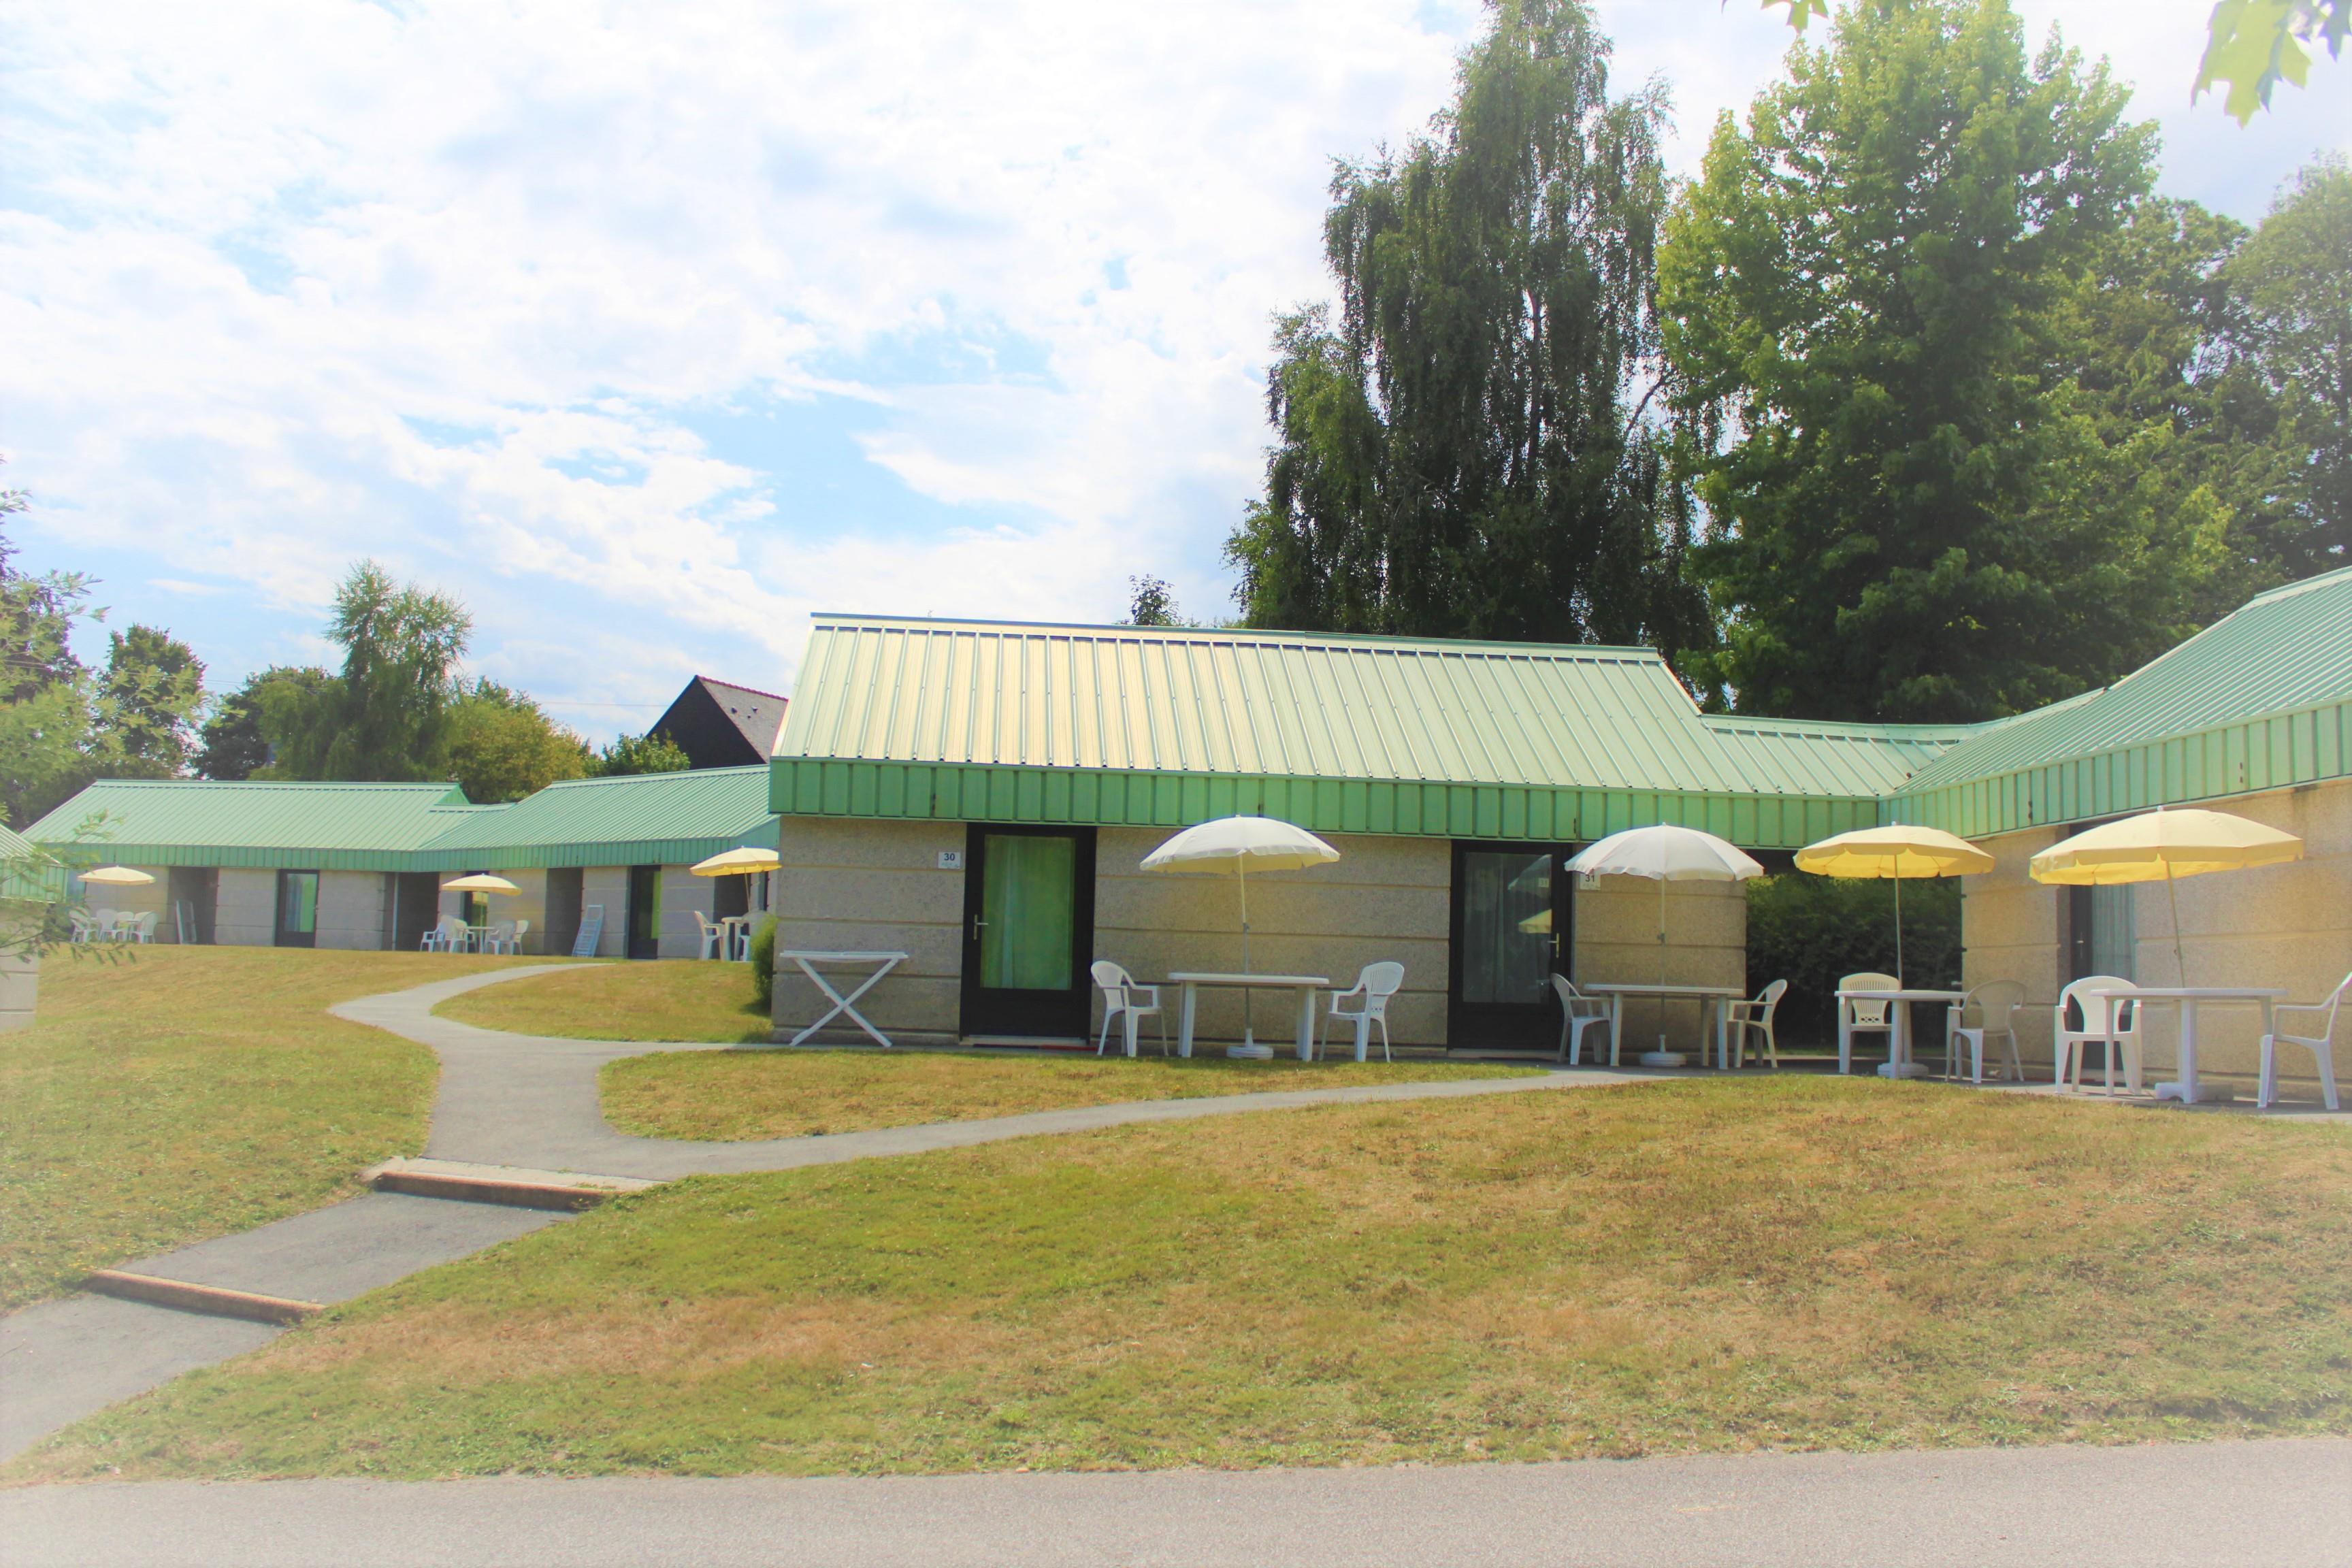 Location - Location | Studio 2 Pers - Camping Le Val de Landrouet